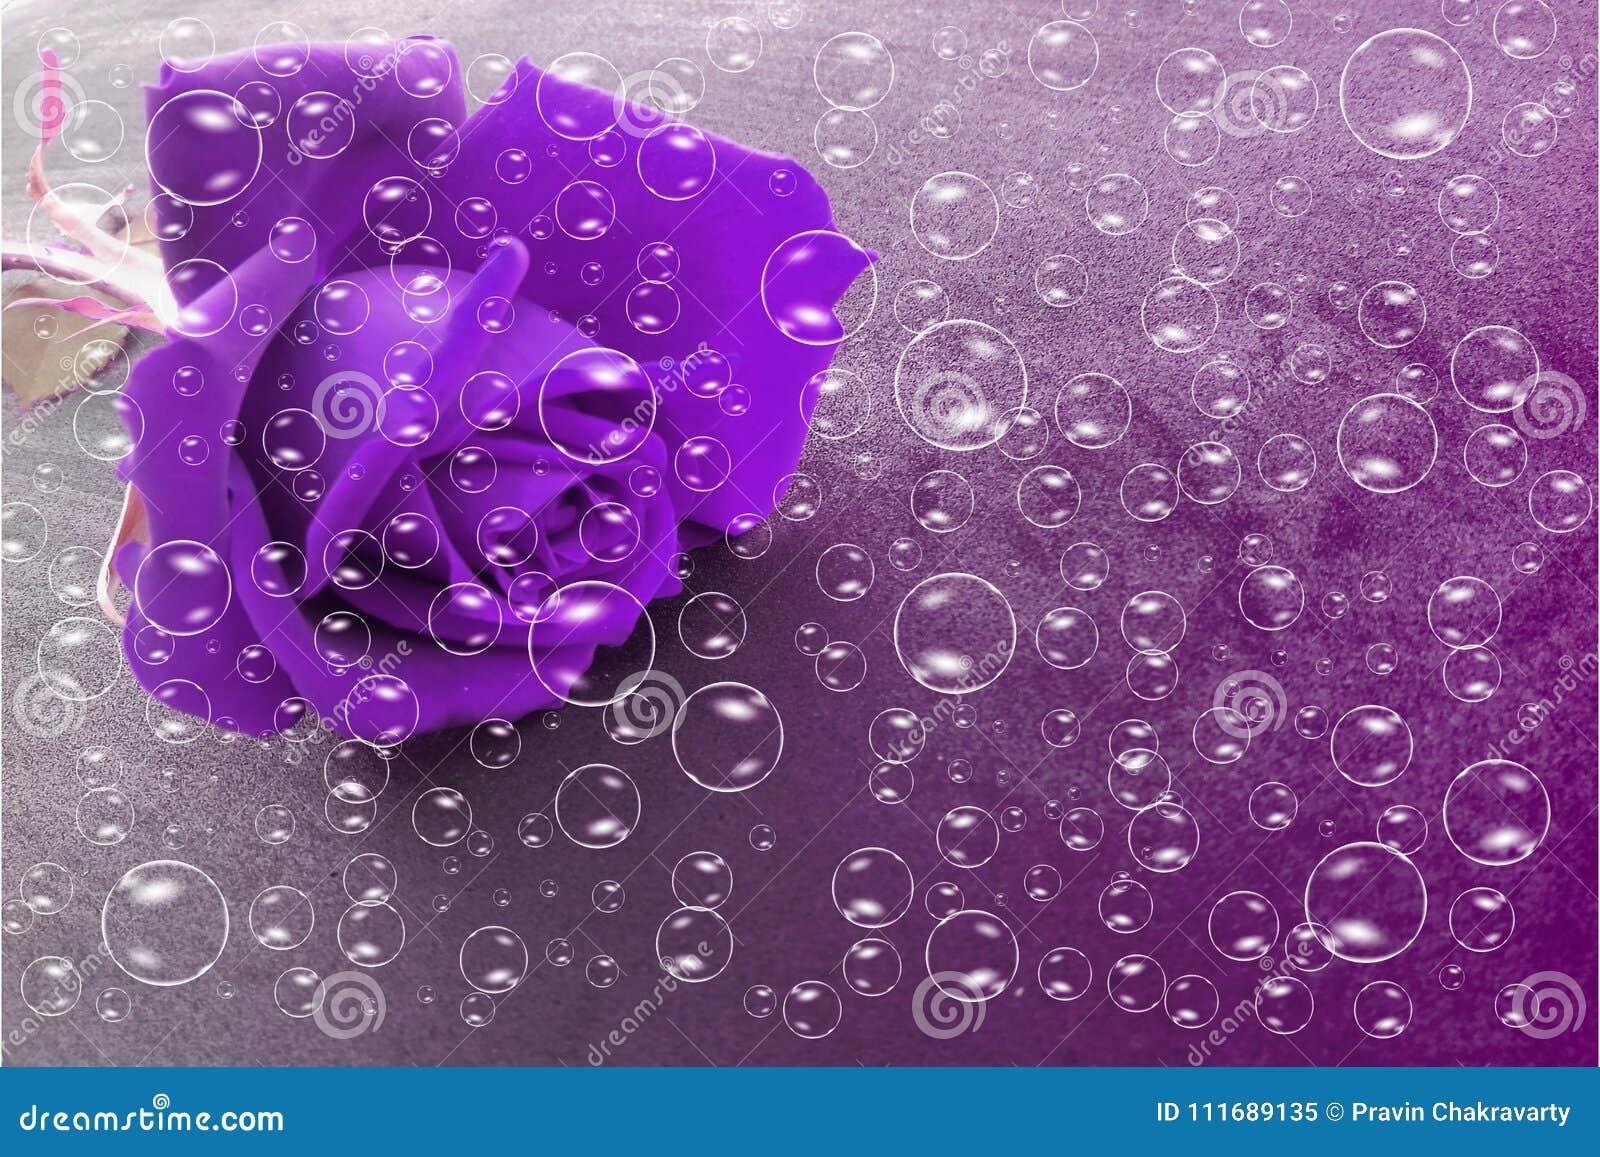 Violette Blumen mit Blasen und Veilchen schattierten strukturierten Hintergrund, Vektorillustration